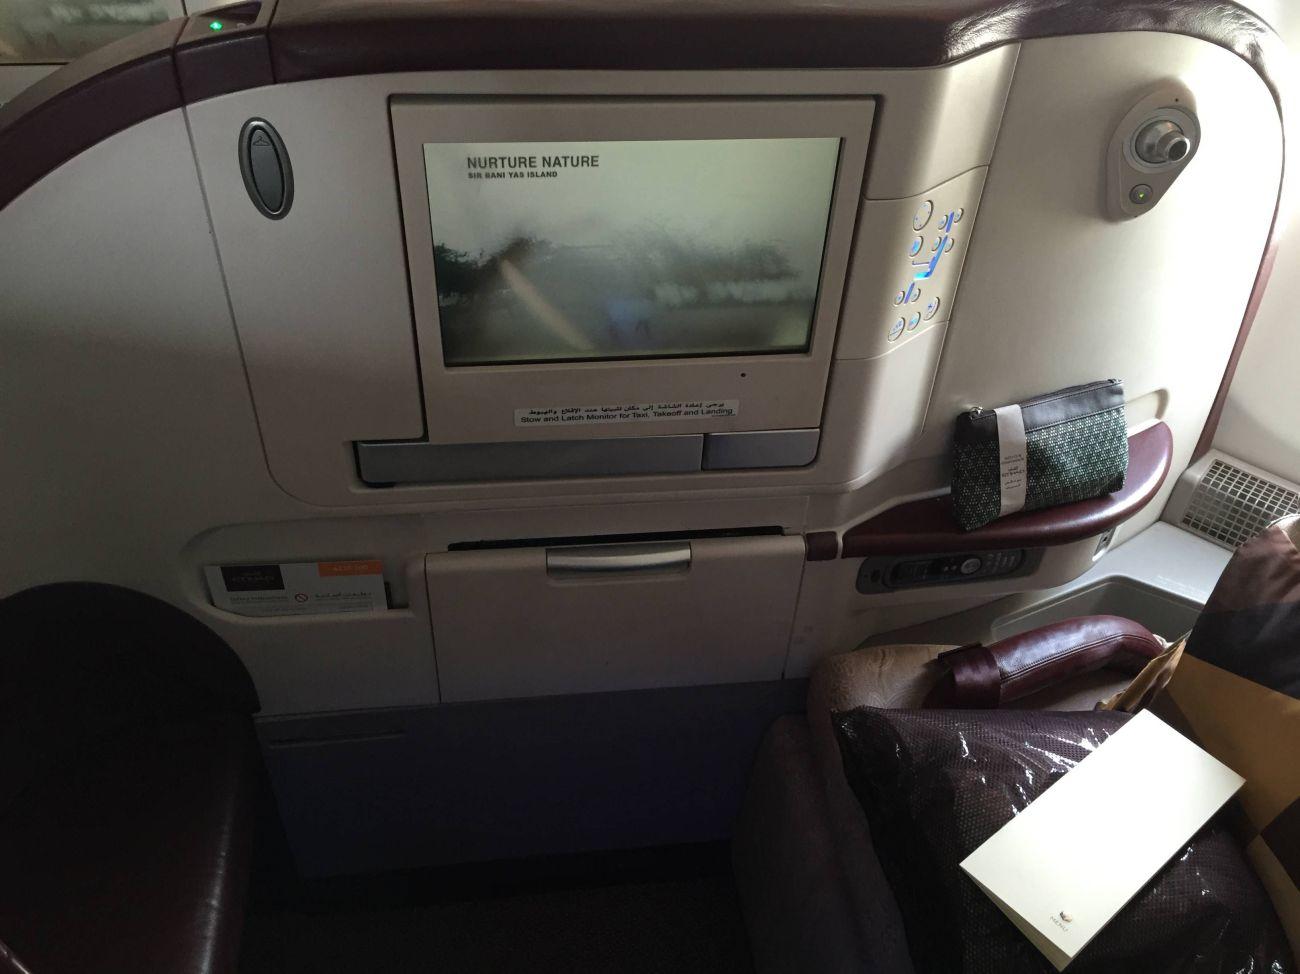 Jet Airways A330 Business Class Etihad Passageirodeprimeira -010